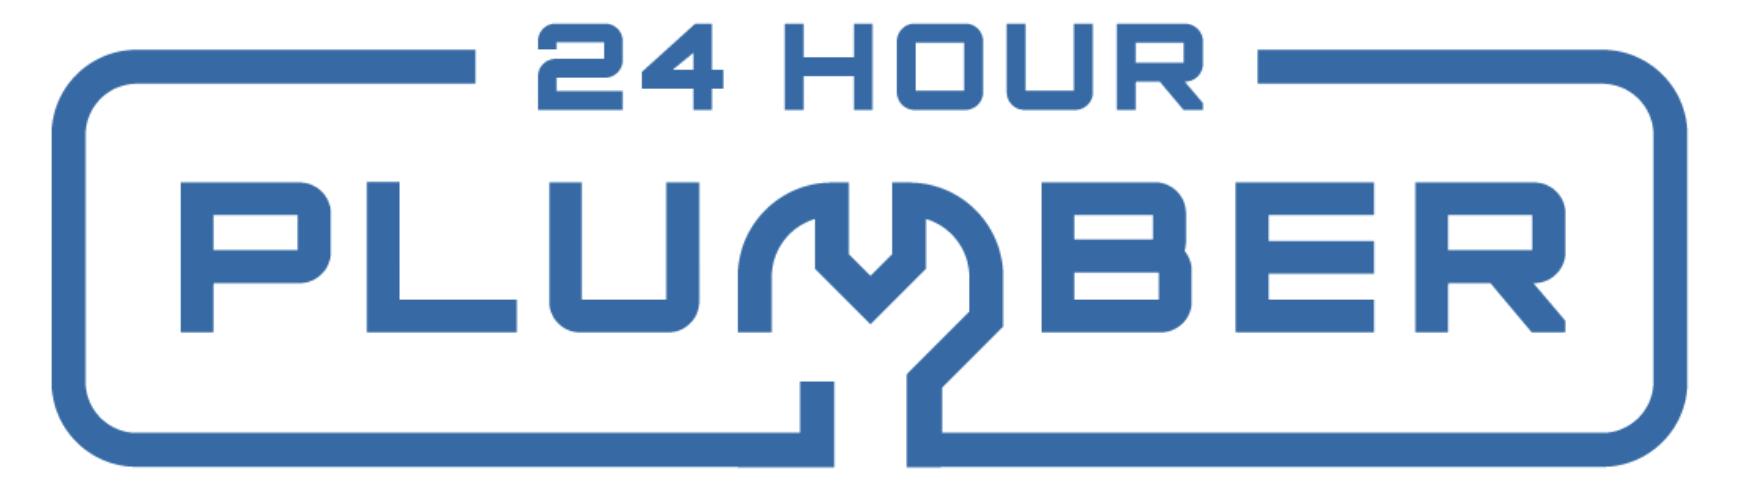 24 Hours Plumbers Drogheda